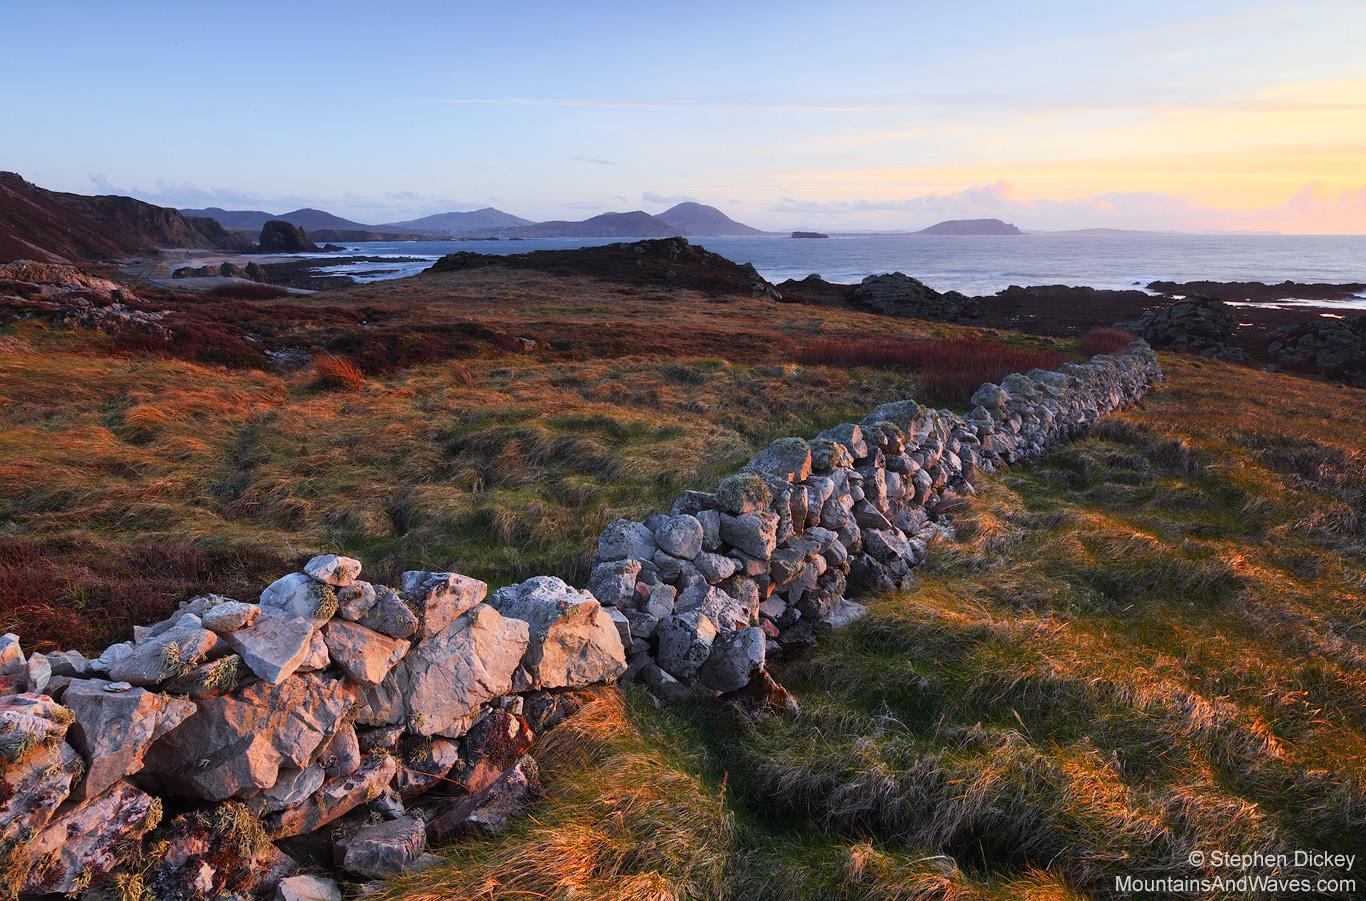 Inishowen Sunset, County Donegal, Ireland